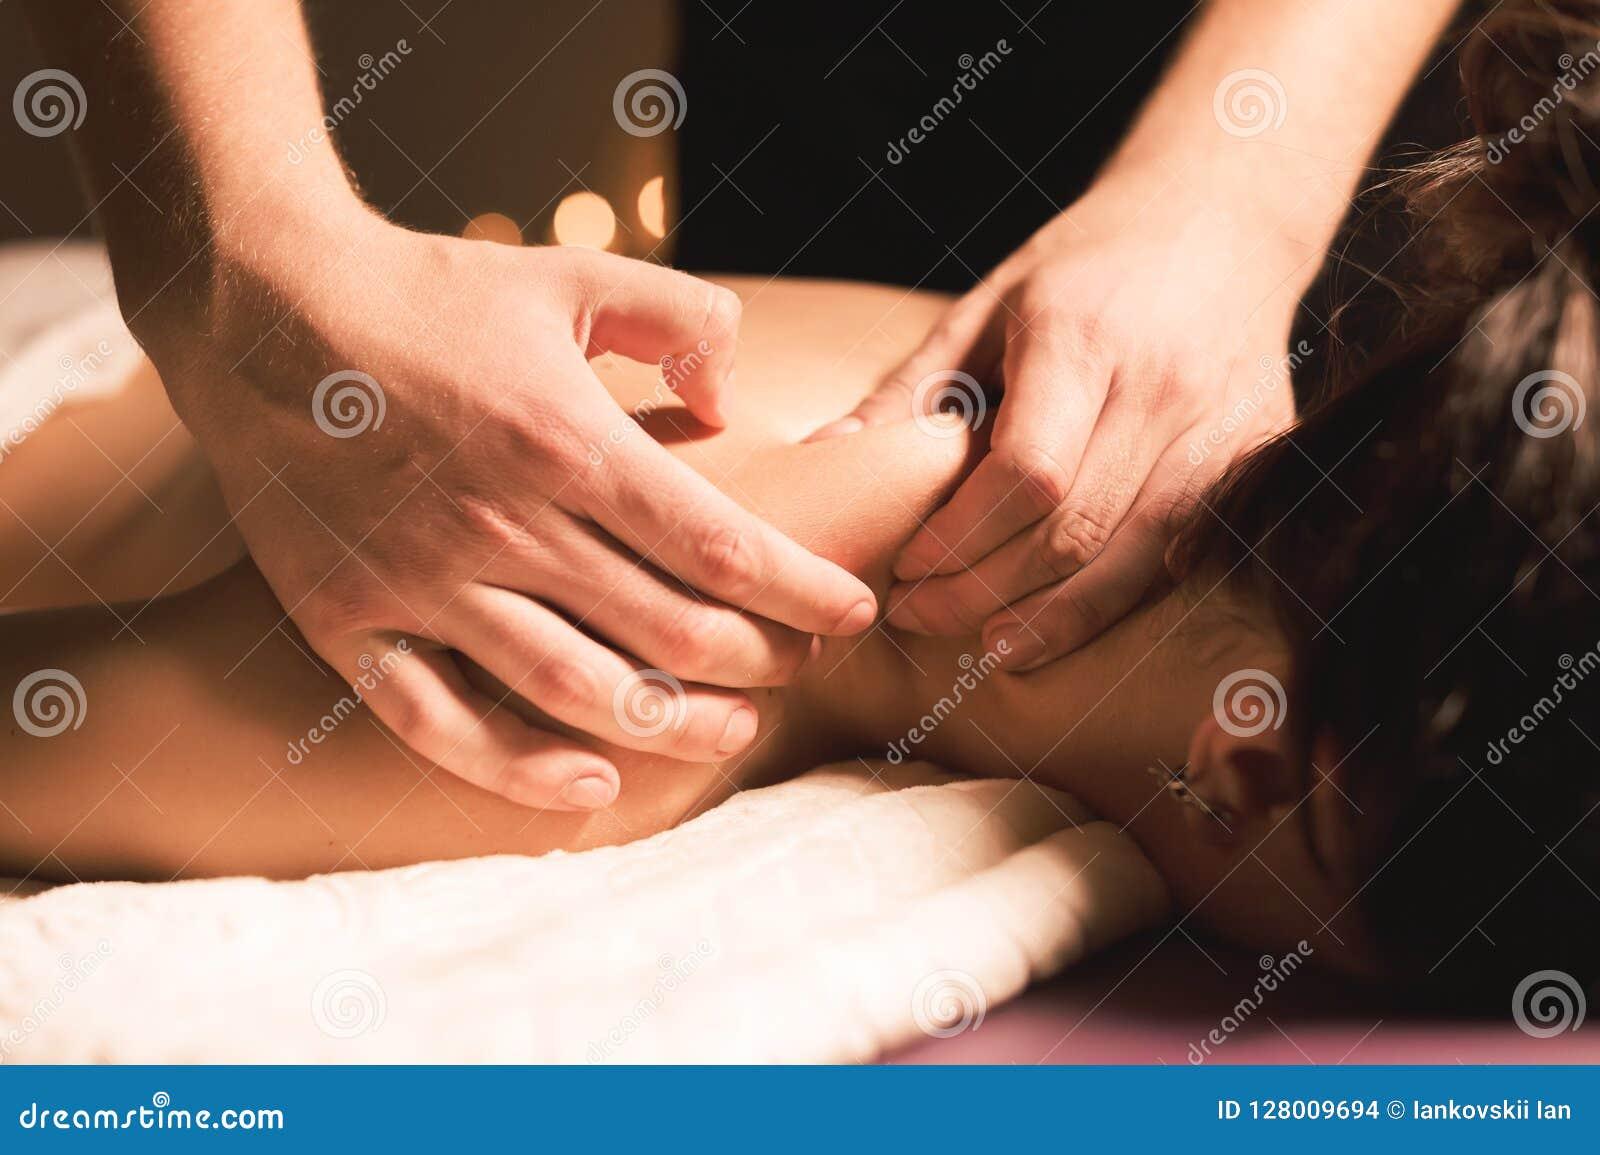 Le mani del ` s degli uomini fanno un massaggio terapeutico del collo per una ragazza che si trova su uno strato di massaggio in